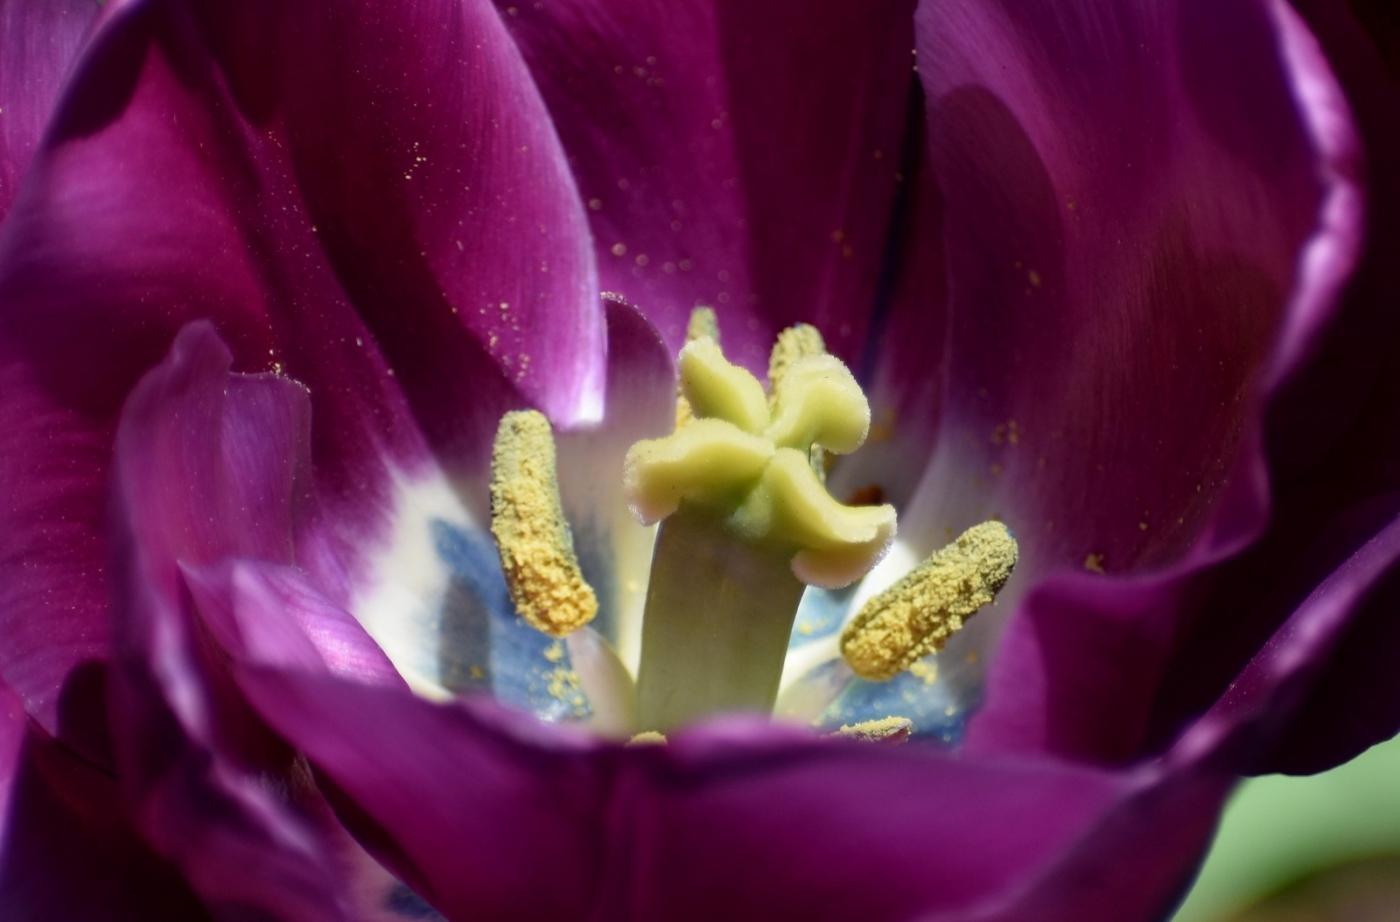 美丽的花蕊 (2)_图1-20